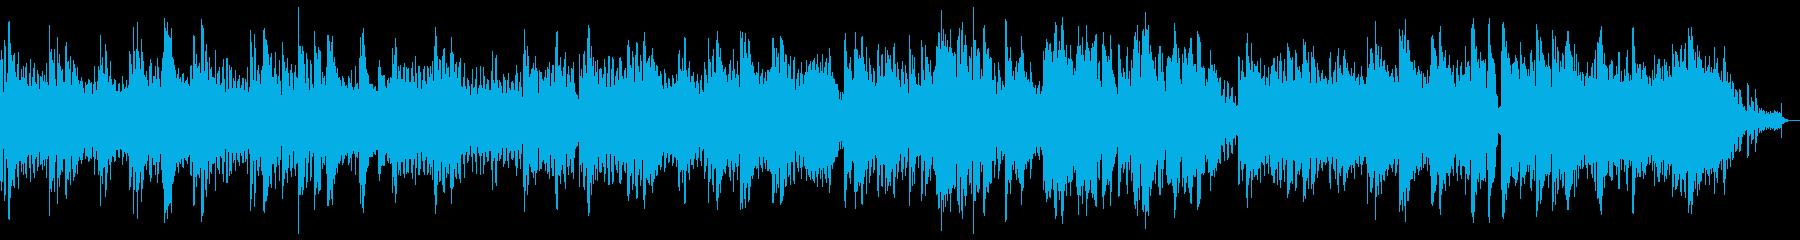 ひっそりした不気味なメロディーの再生済みの波形